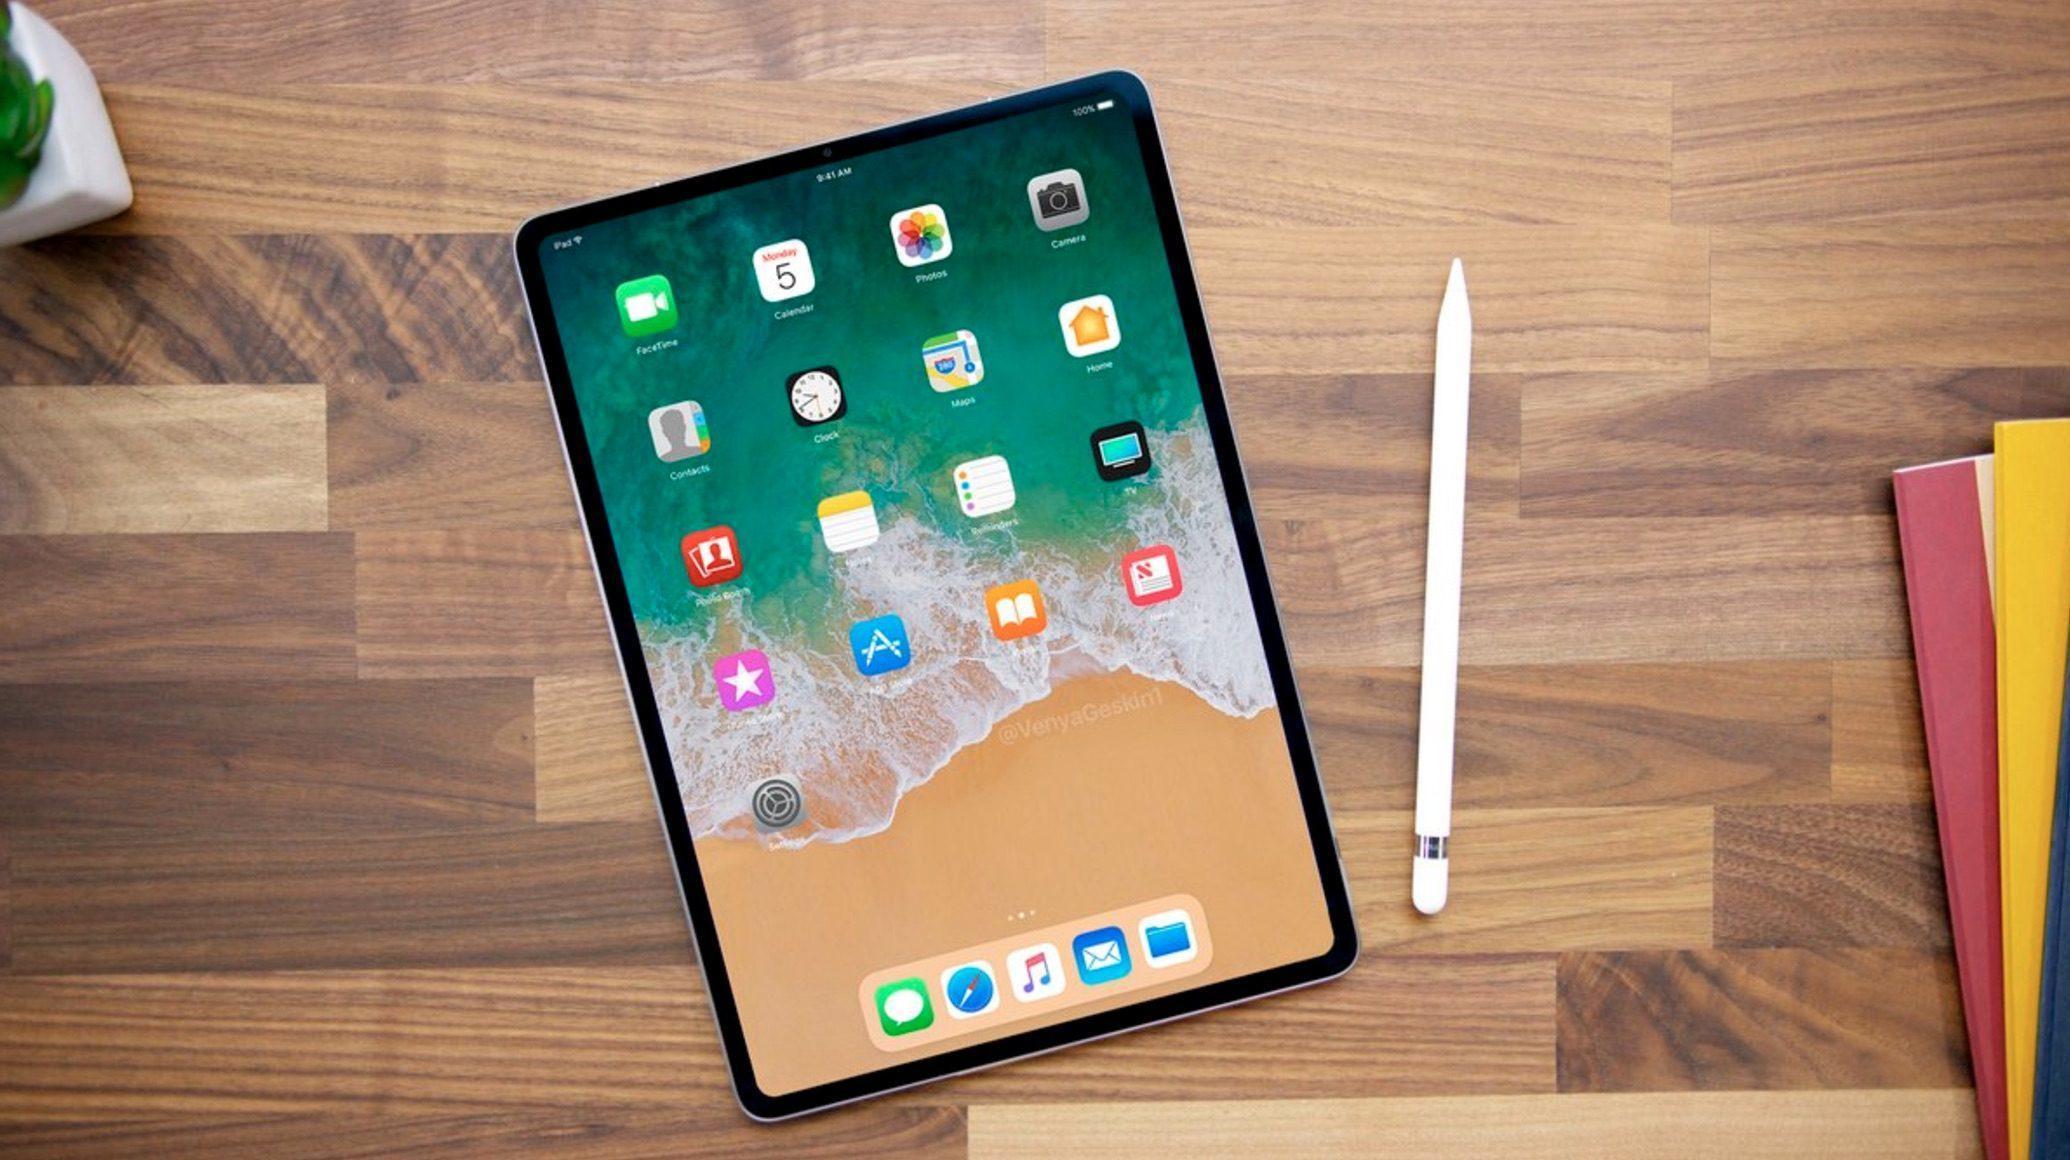 Báo cáo từ Trung Quốc dự kiến iPad Pro phiên bản 11-inch sẽ xuất hiện tại WWDC năm nay